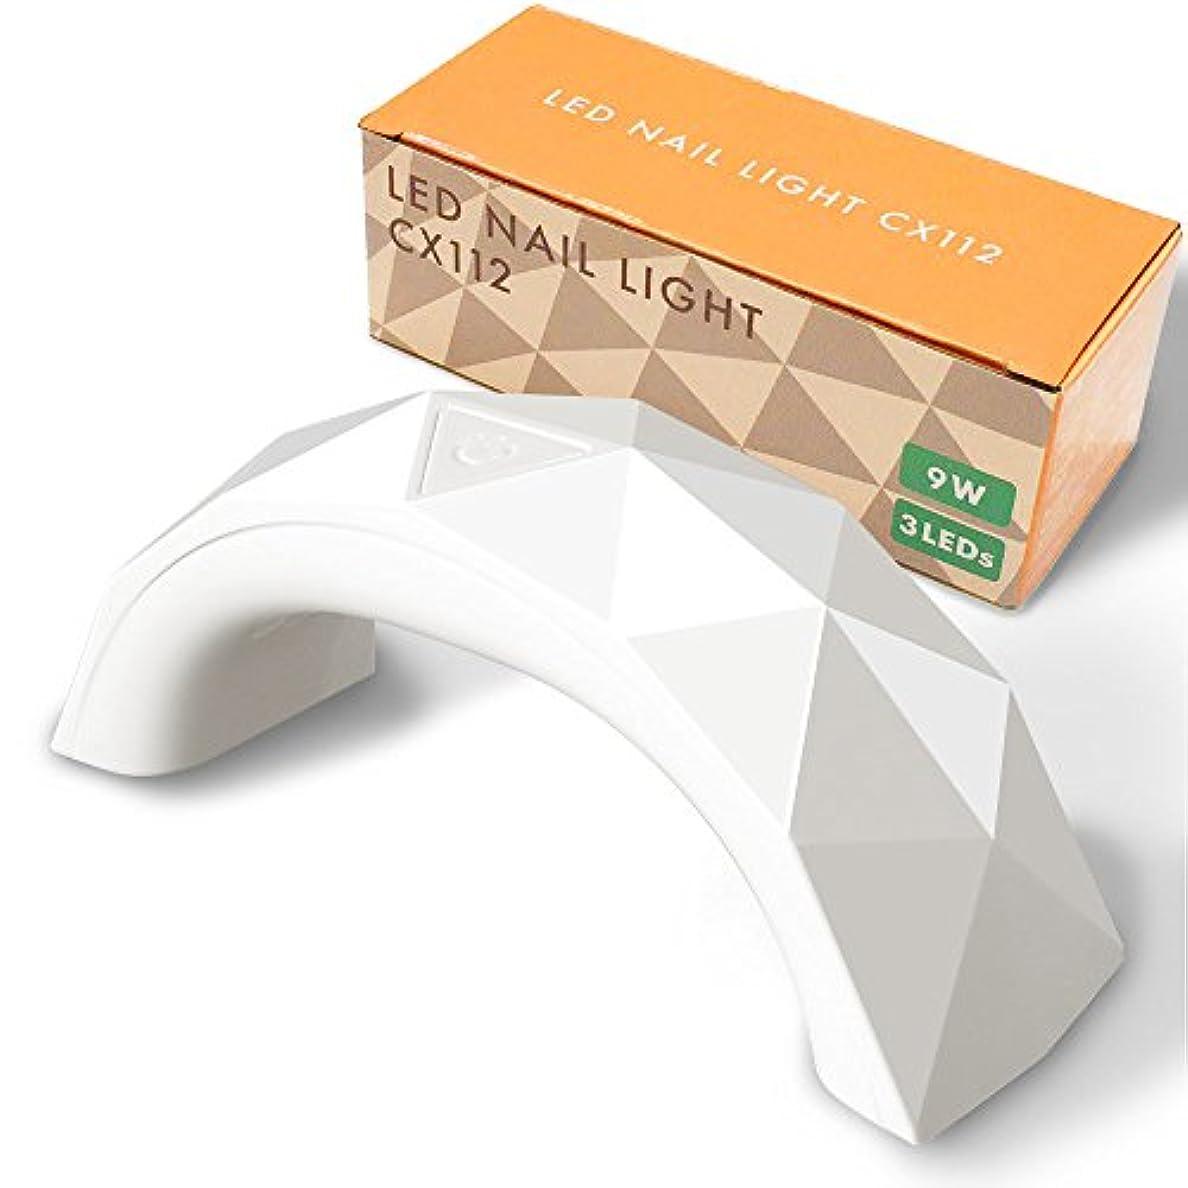 値下げ疑問を超えてビール【Centrex】【CX112】ジェルネイル LEDライト 9W 硬化用ライト タイマー付き ハイパワーチップ式LED球 USB式 (ホワイト)